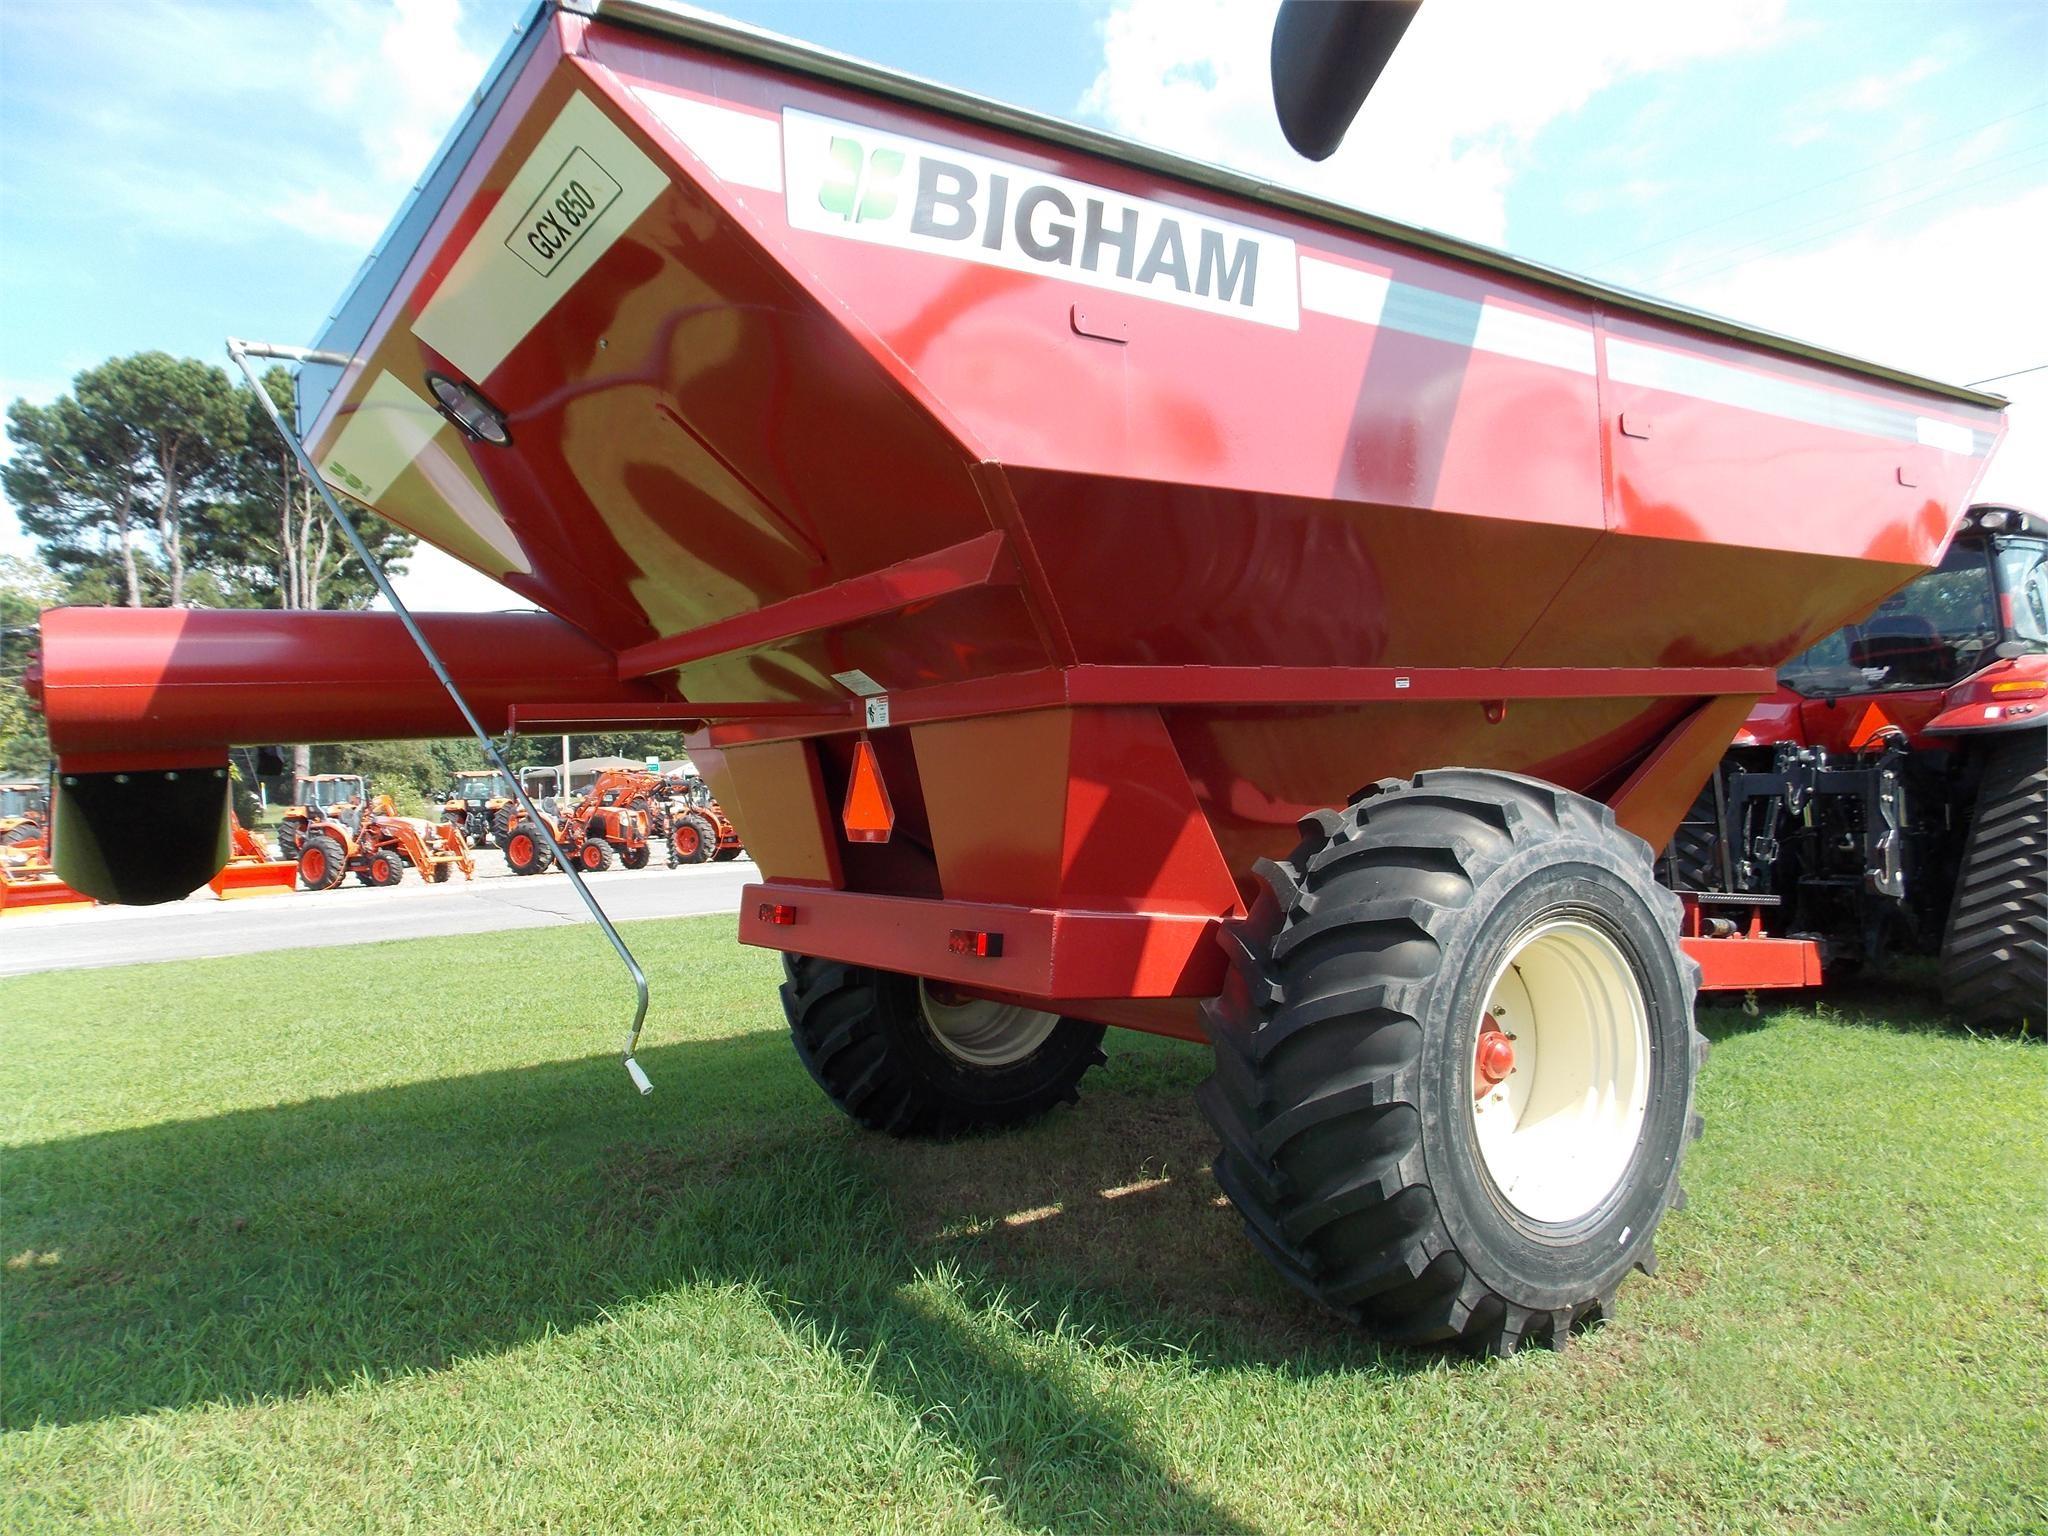 2019 Bigham GCX850 Grain Cart